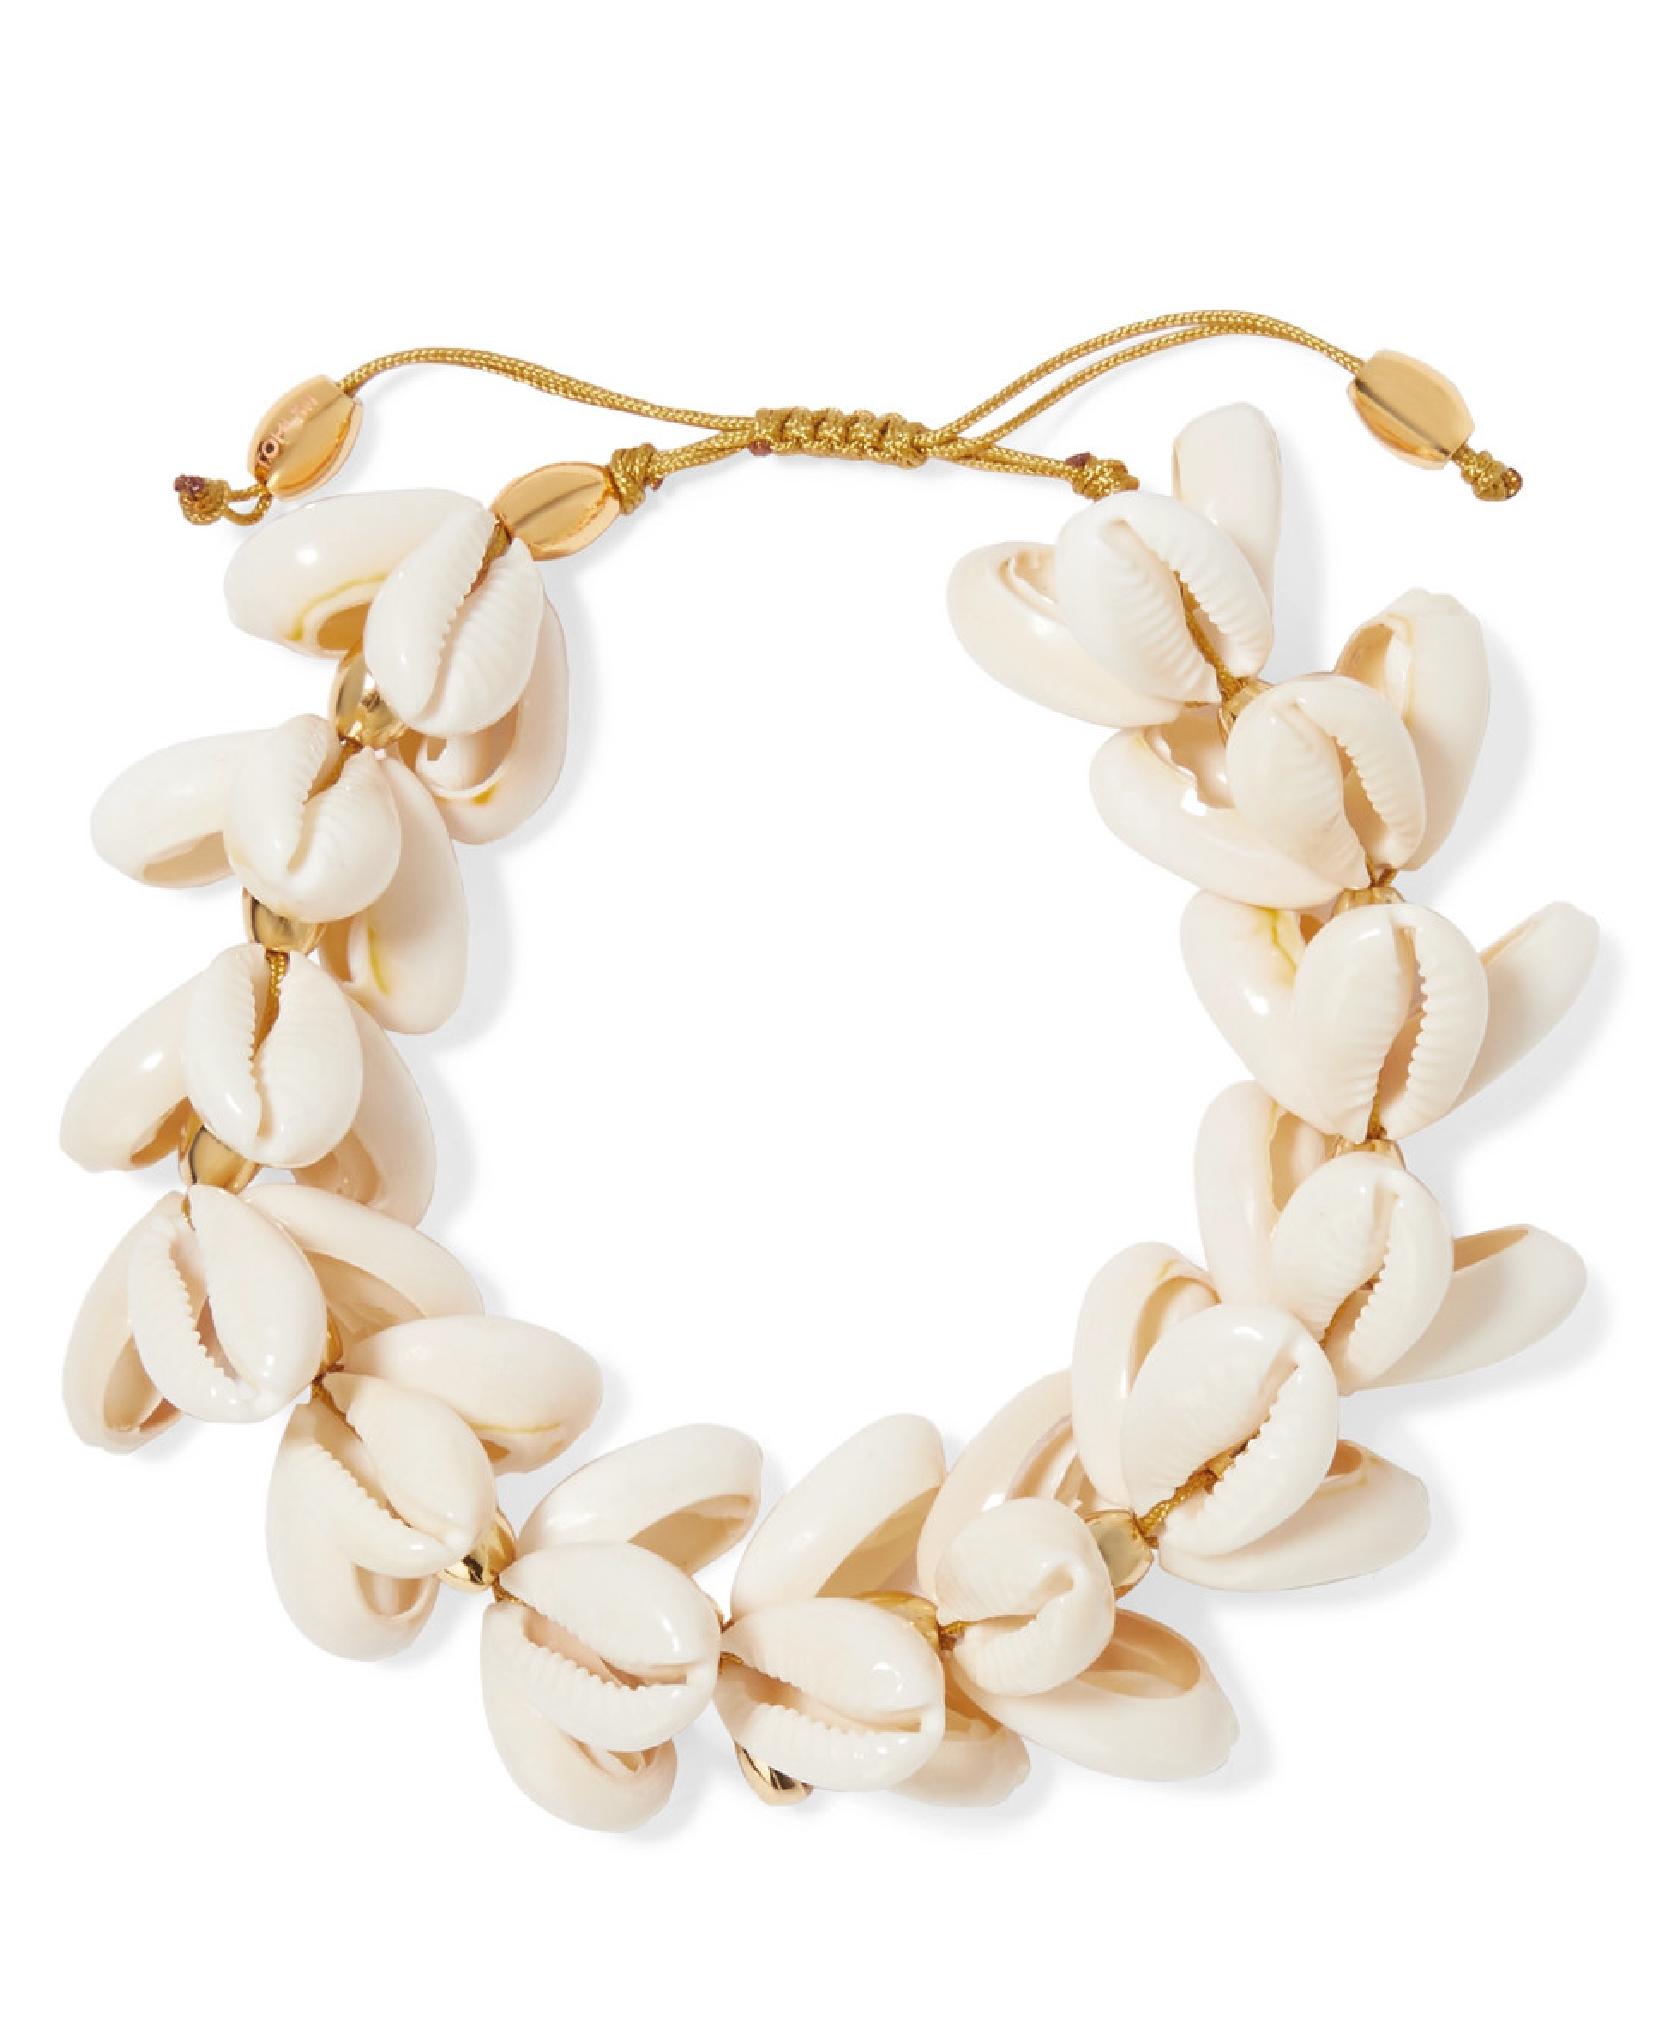 Tohum - Gold-Plated Shell Bracelet